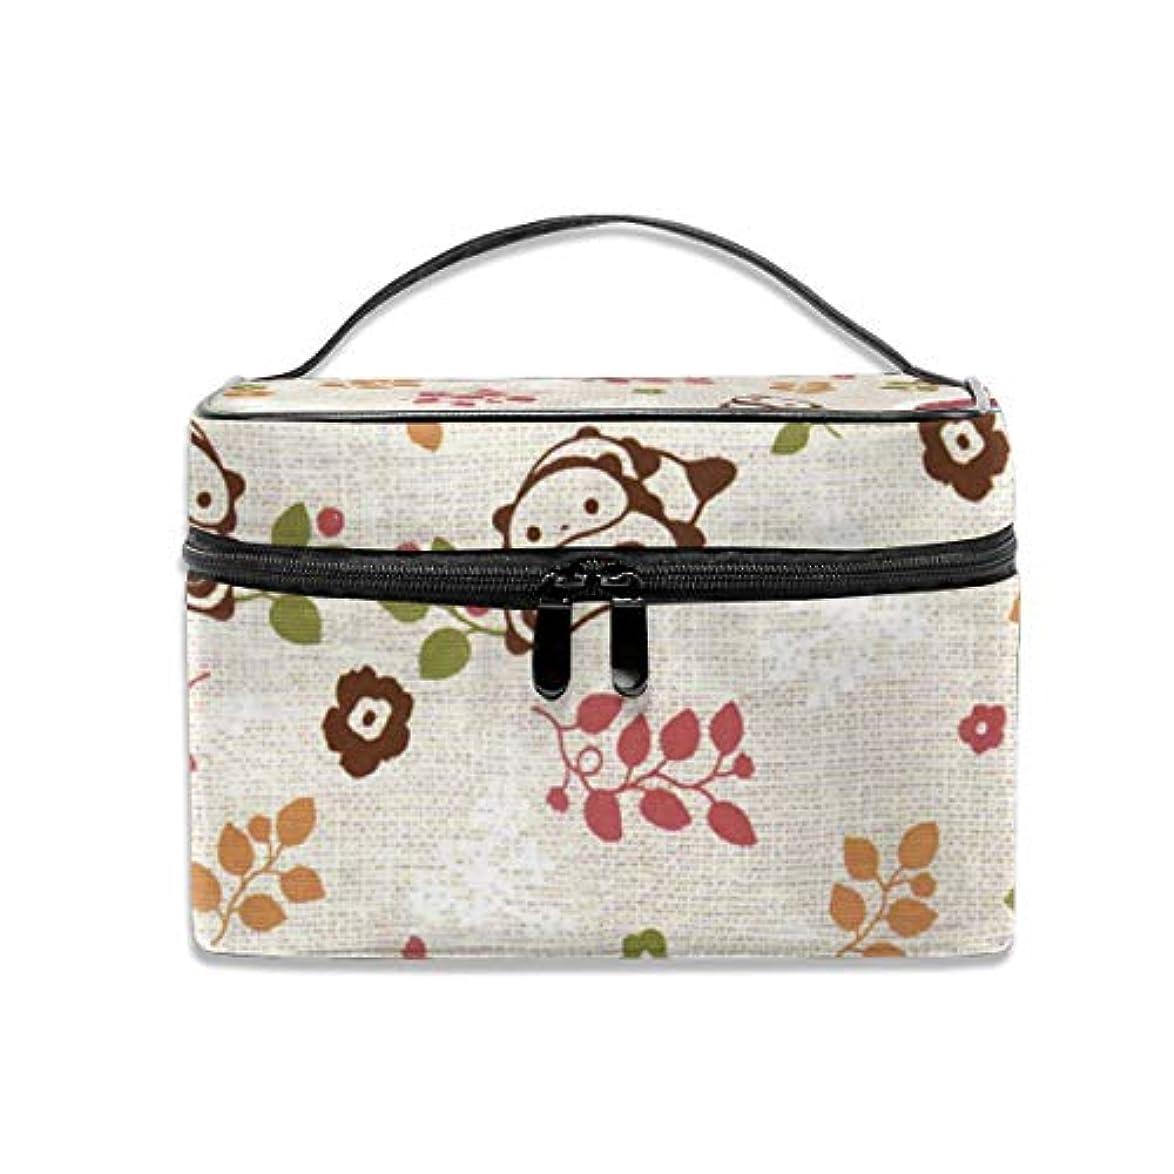 プレートキャベツ式タレパンダ 化粧ポーチ メイクポーチ コスメバッグ 収納 雑貨大容量 小物入れ 旅行用